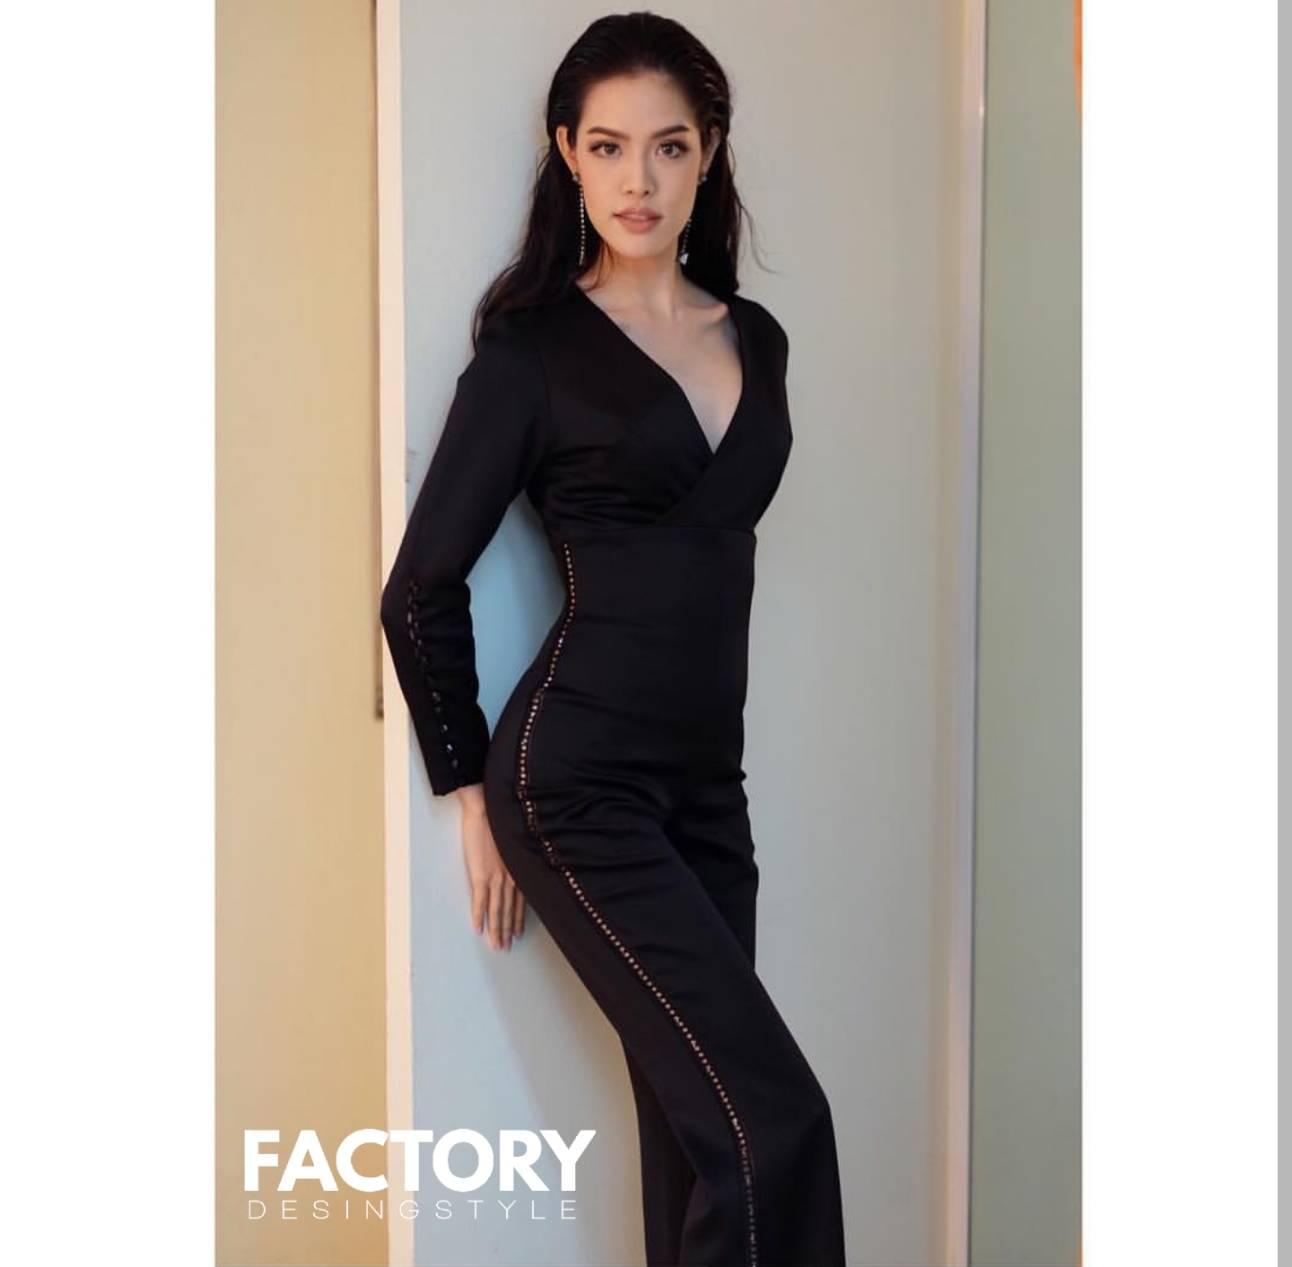 เสื้อผ้าเกาหลี พร้อมส่ง จั้มสูท ผ้าดีมากค่า